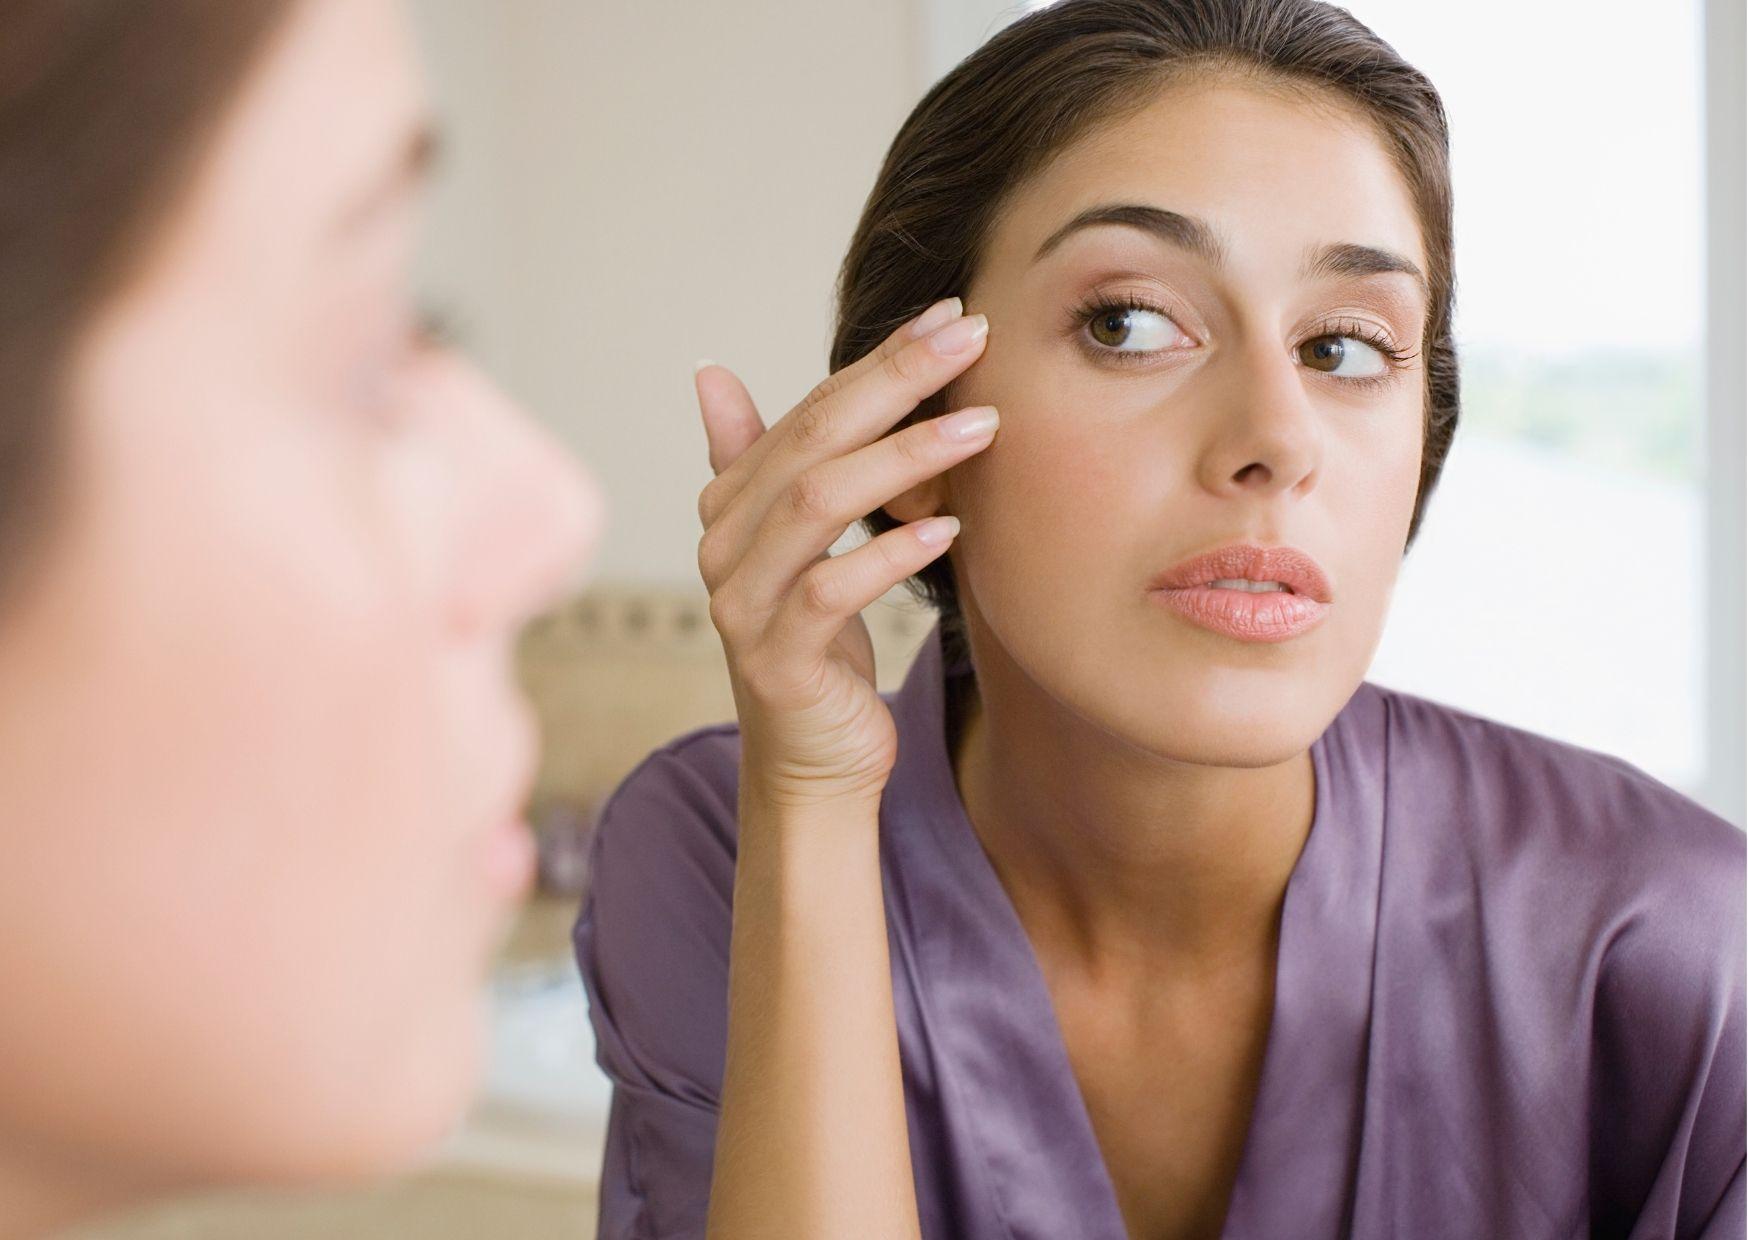 Kulit Wajah Kamu Sensitive? Simak Perawatan Kulit yang Tepat Untukmu! 7